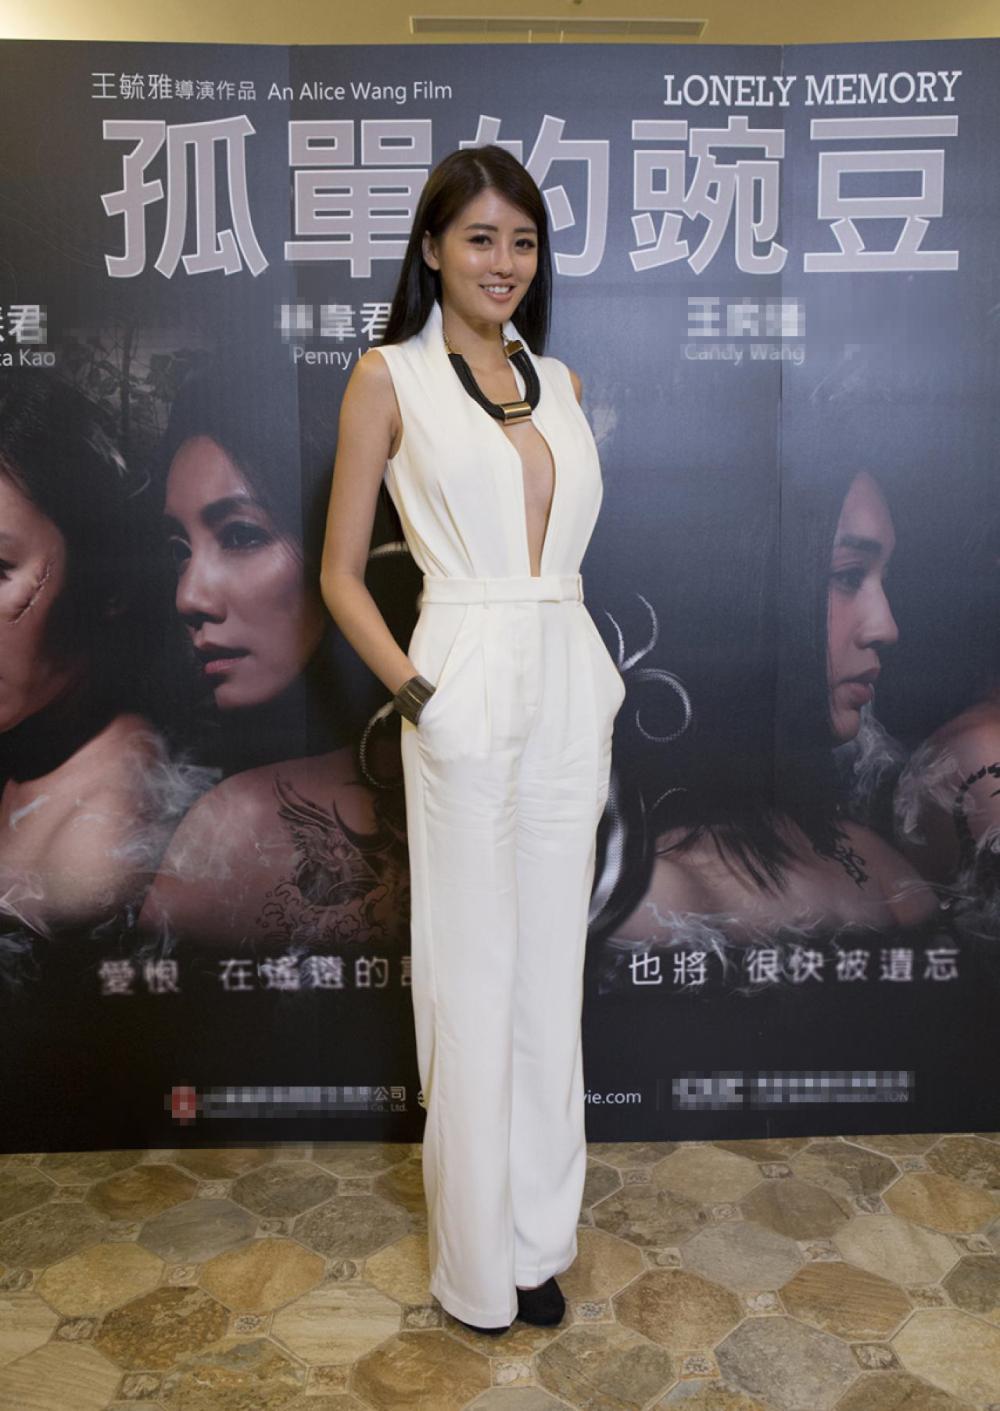 王奕瑾, 1992年9月9日出生于上海, 中国内地女演员、歌手